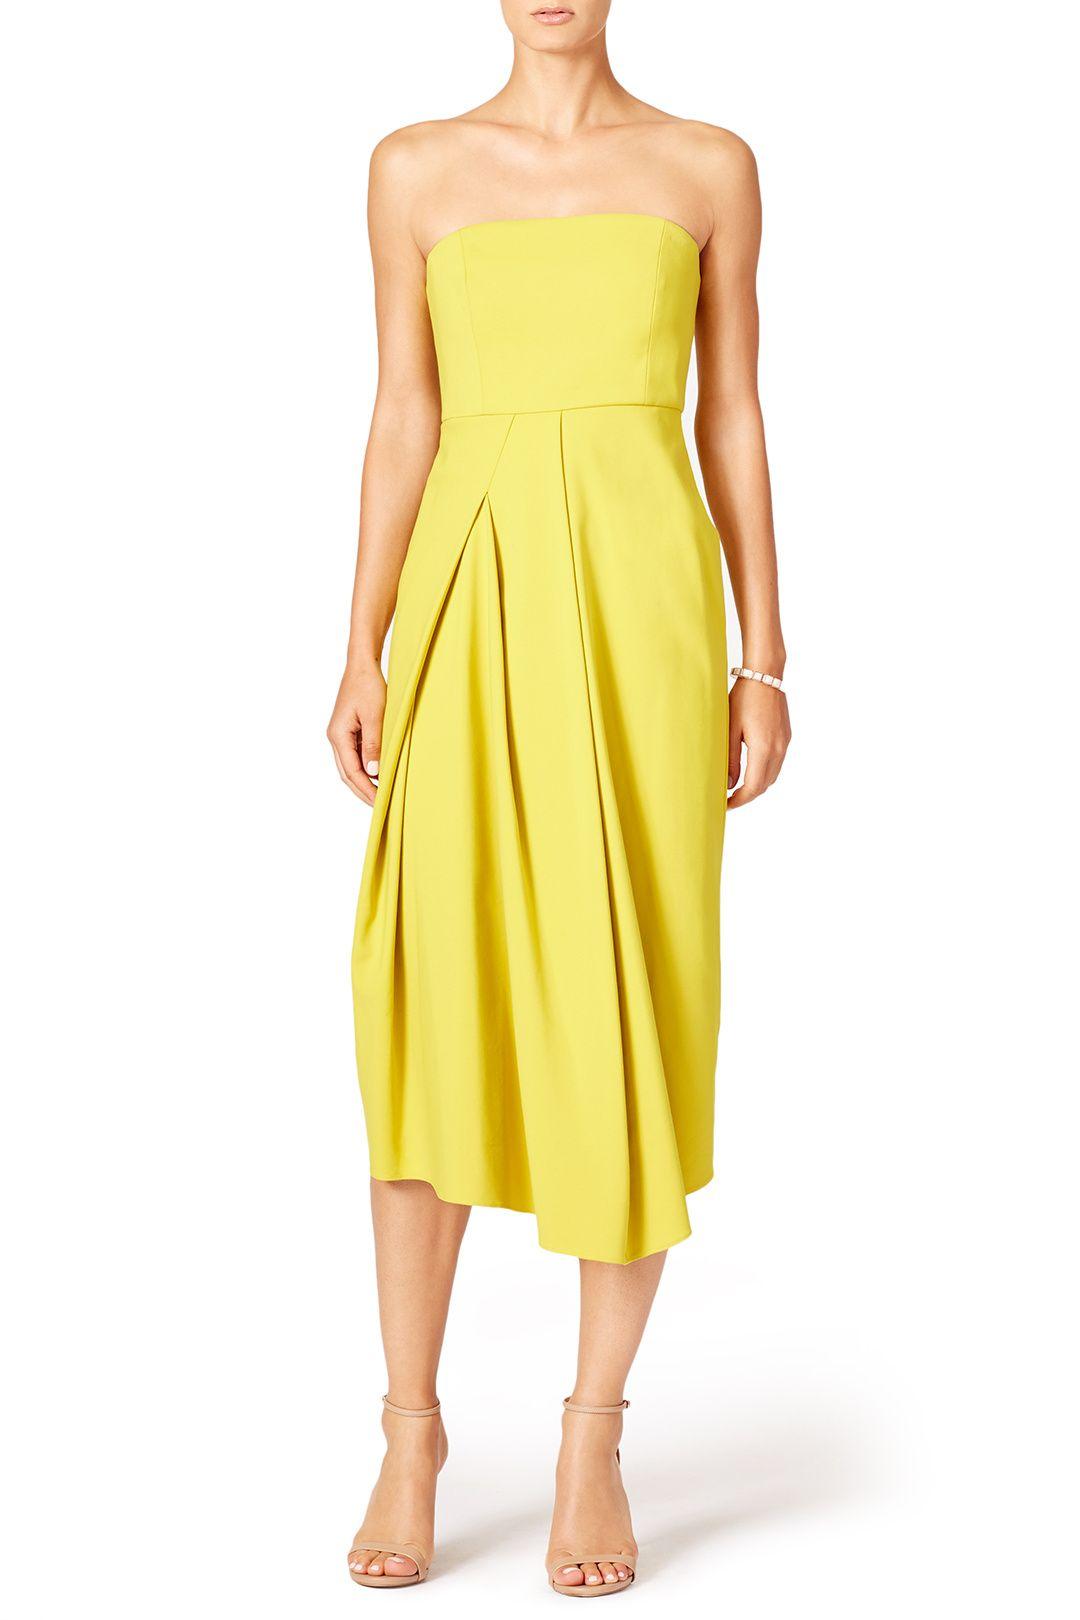 Tibi Yellow Midi Dress Yellow Midi Dress Dresses Midi Dress [ 1620 x 1080 Pixel ]